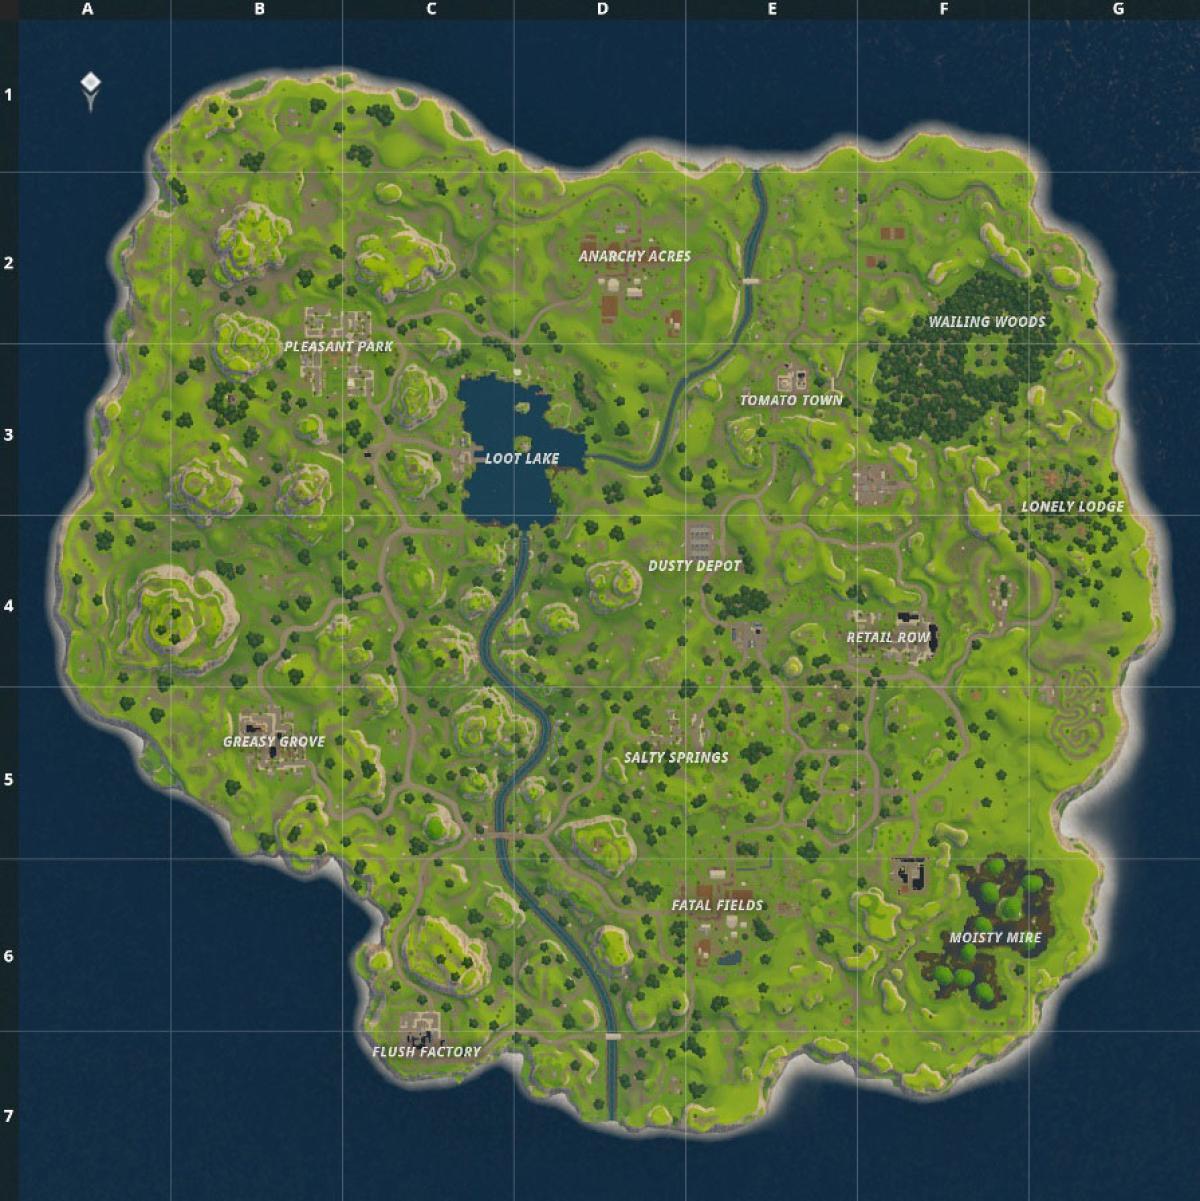 Mejores Lugares Para Aterrizar En Fortnite Battle Royale Guías Y Trucos En Hobbyconsolas Juegos